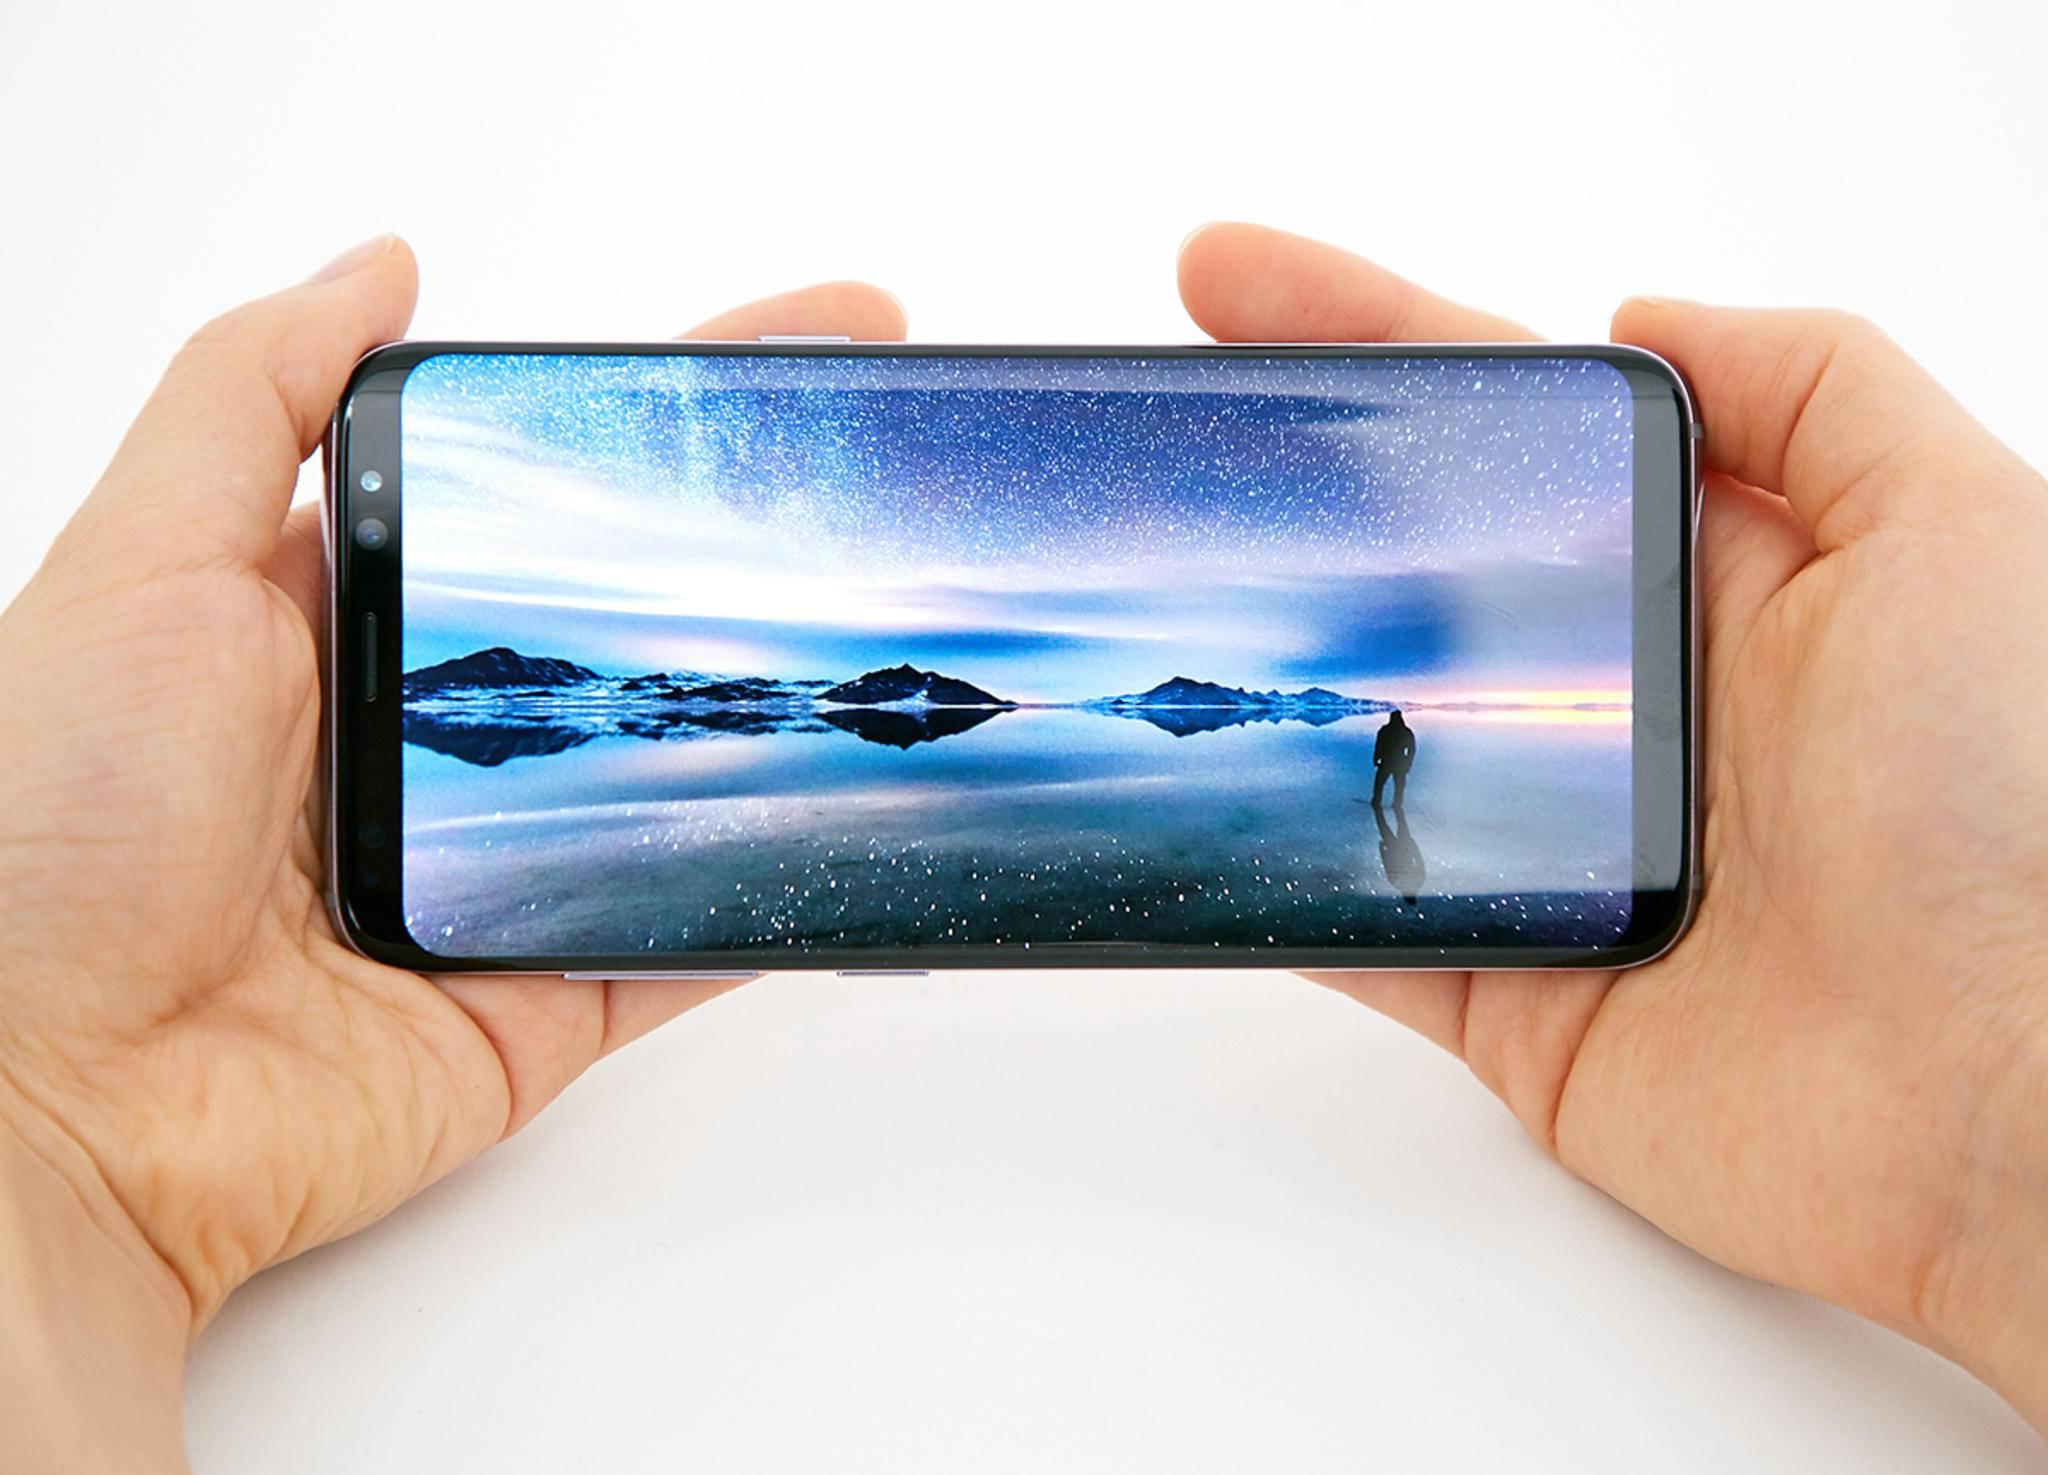 Drehst Du das Smartphone auf die Seite, sollte sich auch die Bildschirmansicht drehen.